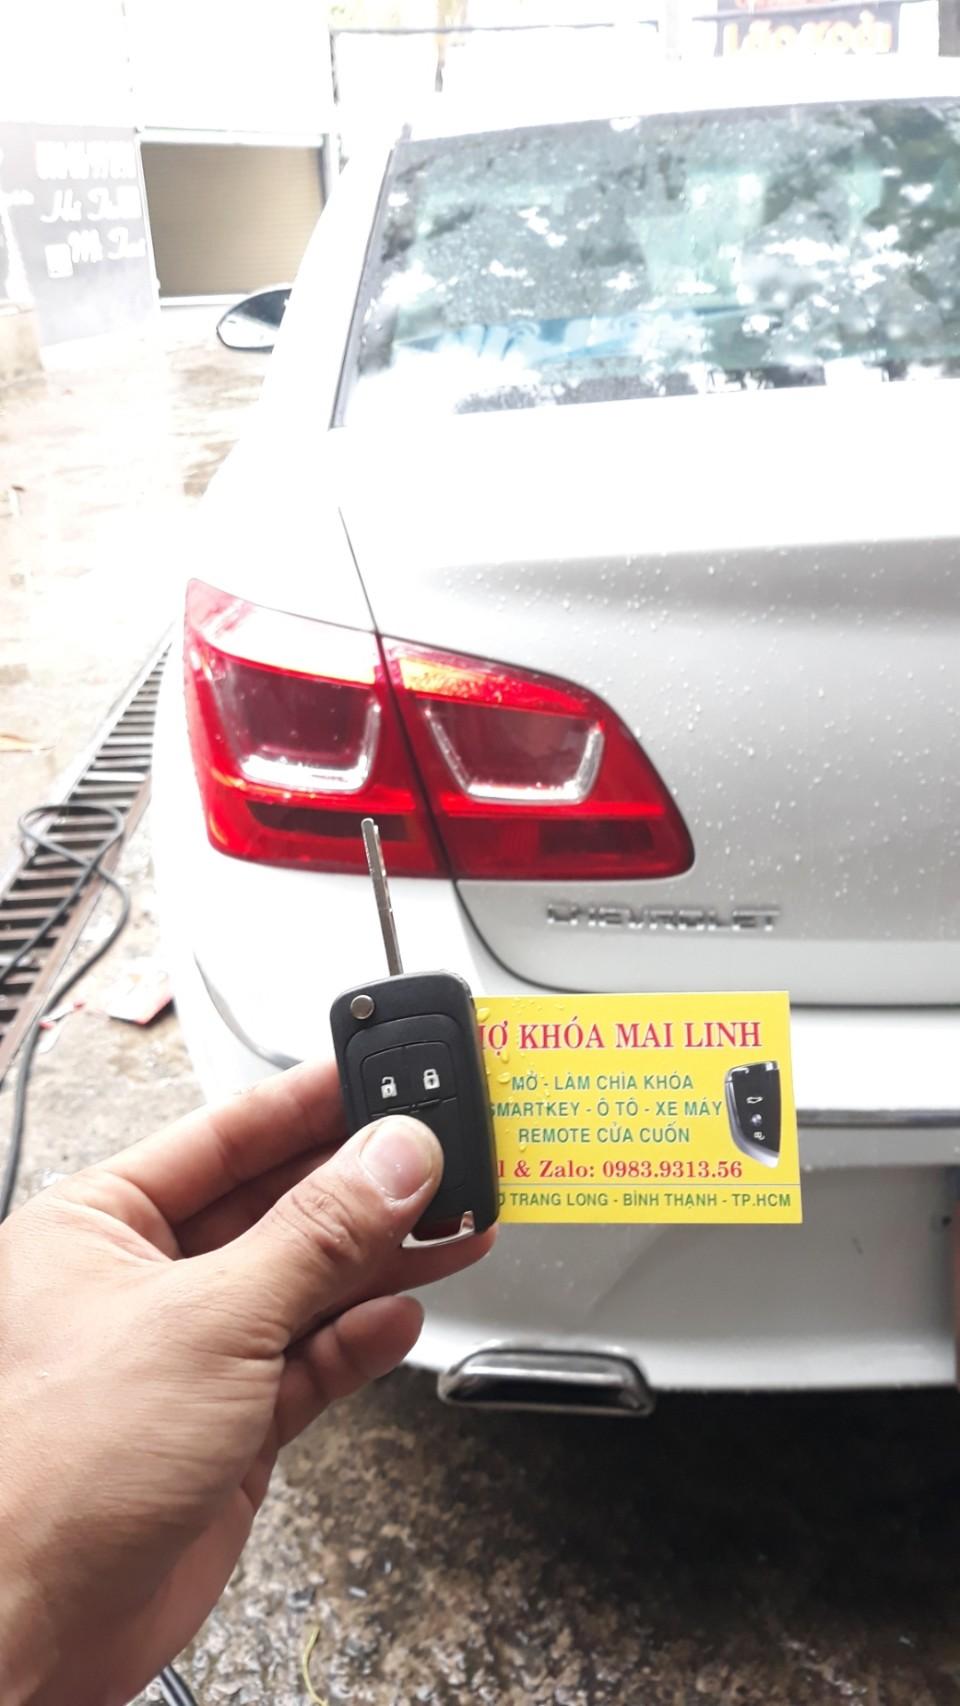 Giá Làm Chìa Khóa Xe Chevrolet Captiva Cruze Orlando Colorado Bao Nhiêu Tiền